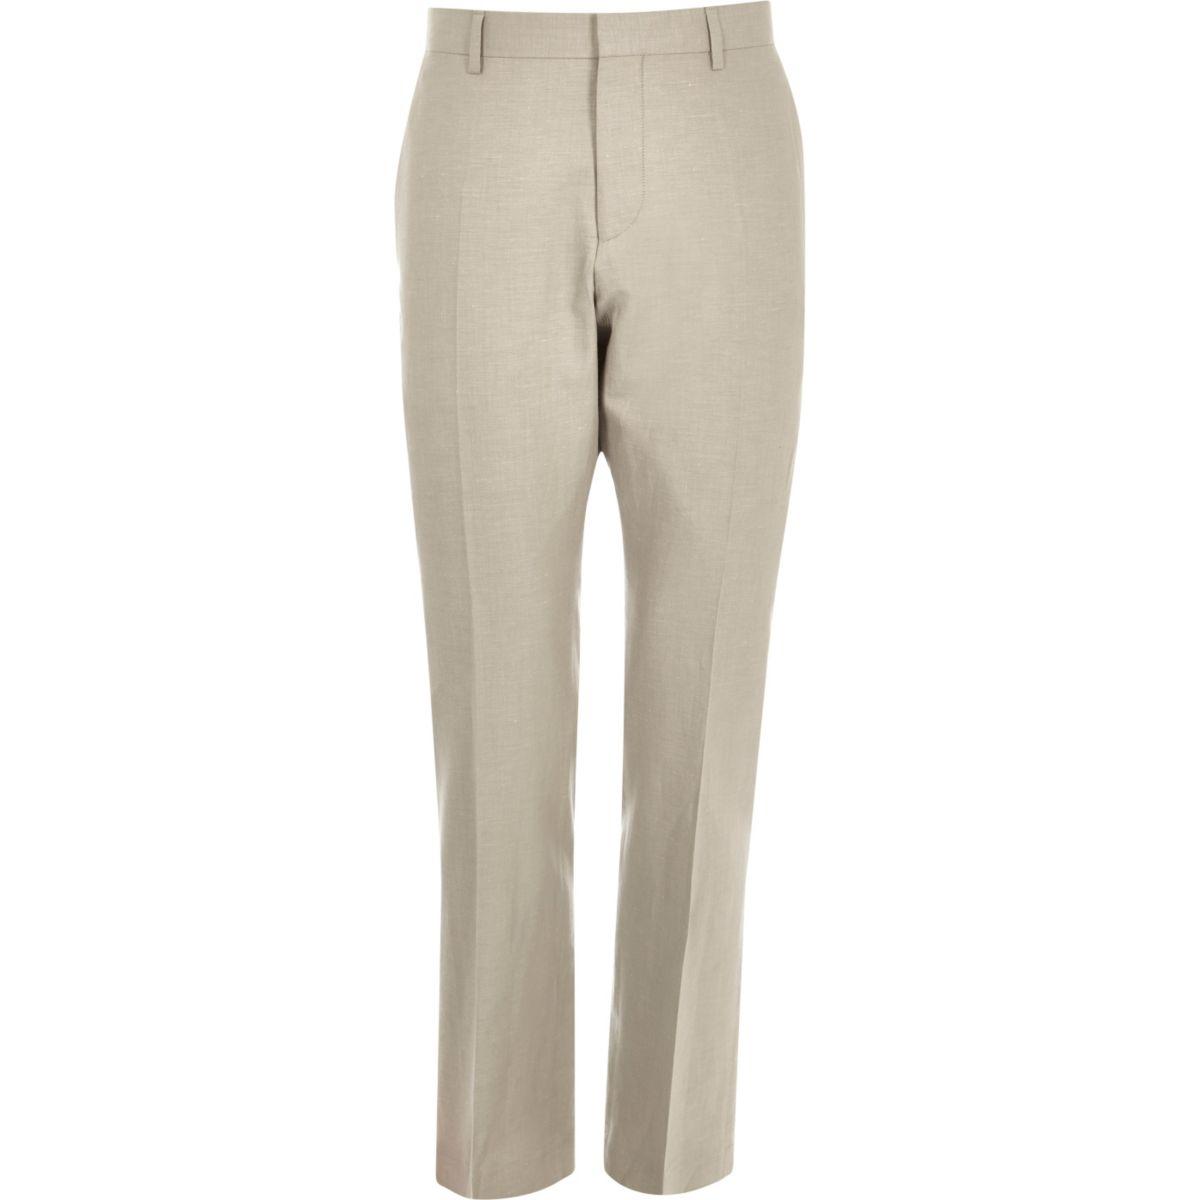 Pantalon de costume slim en lin mélangé beige